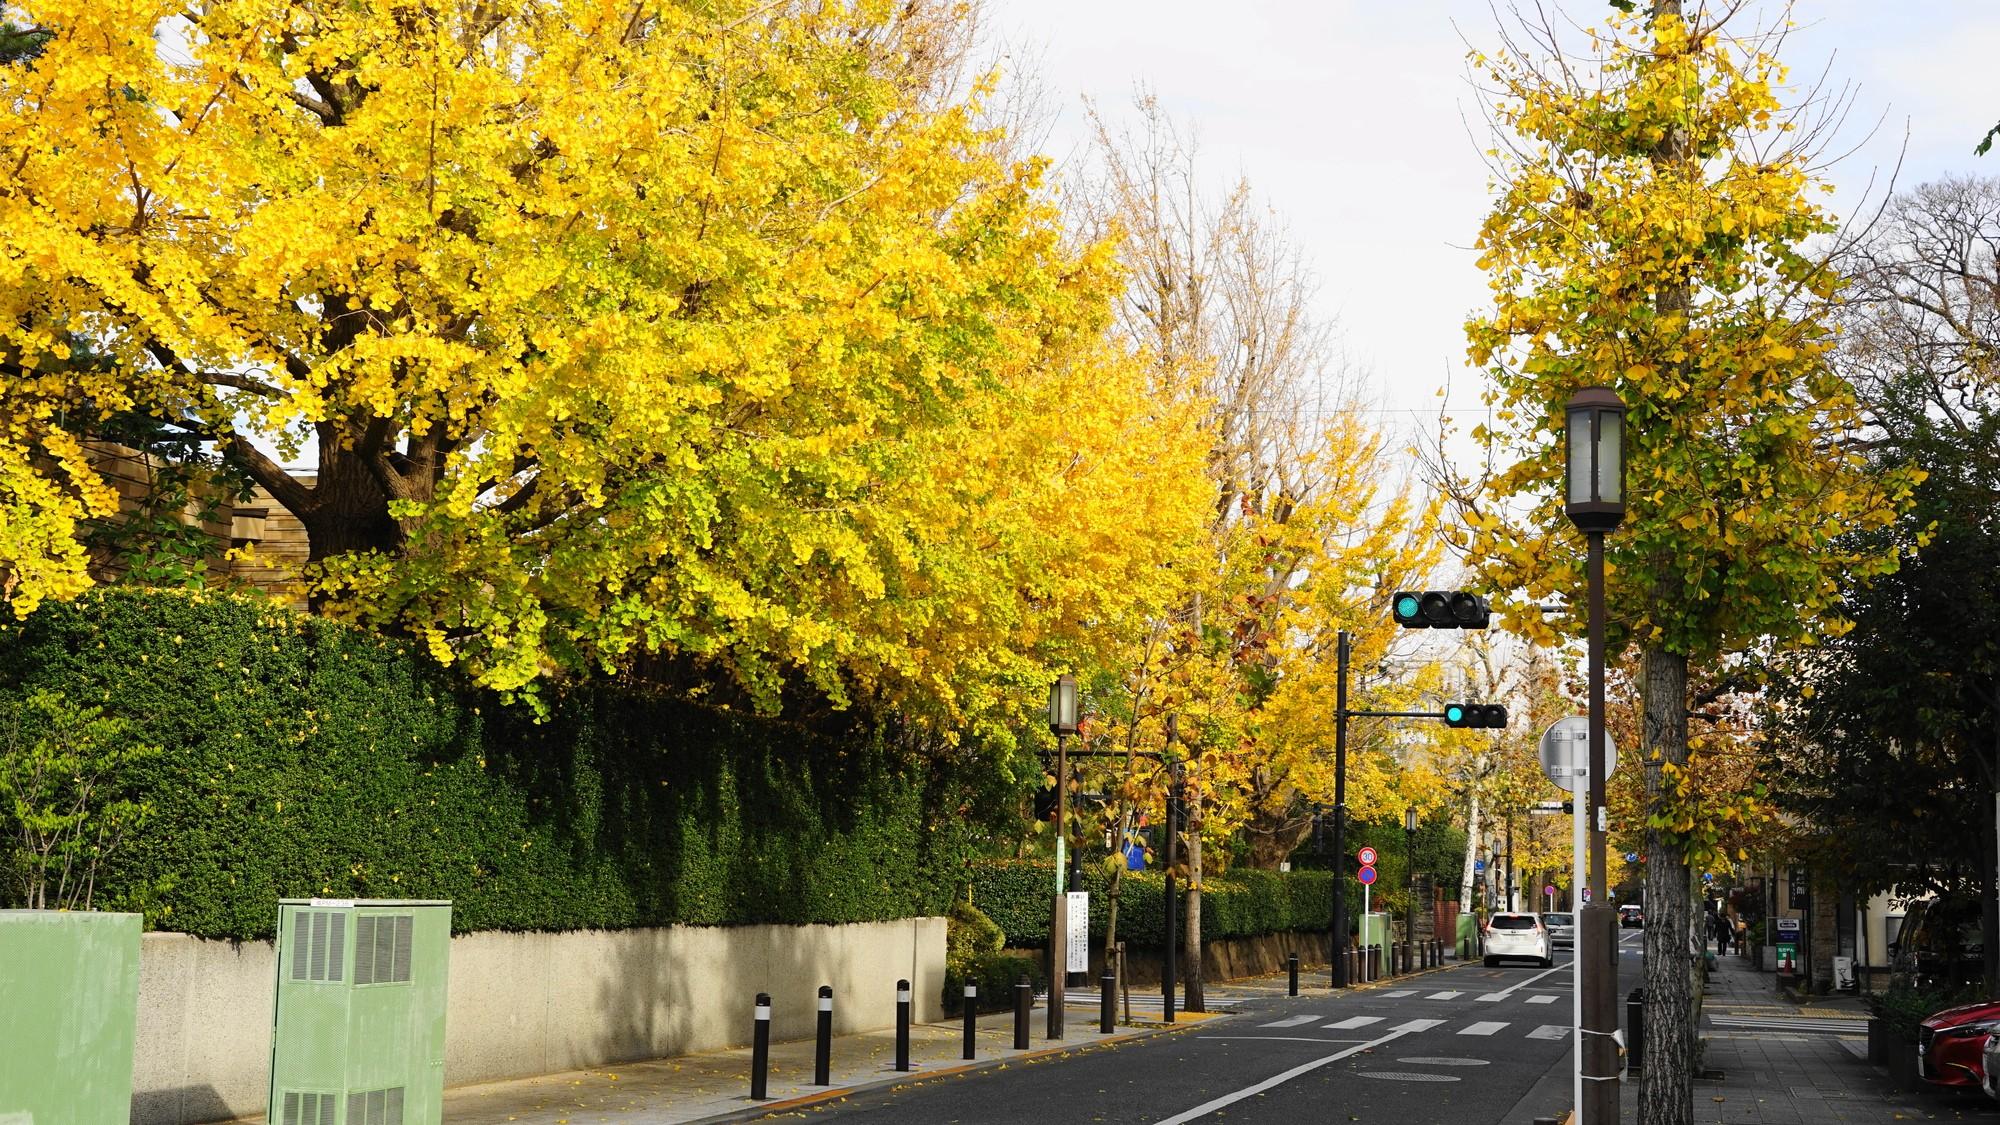 緑美しいお屋敷街「世田谷区成城」高級住宅地の地位は守れるか